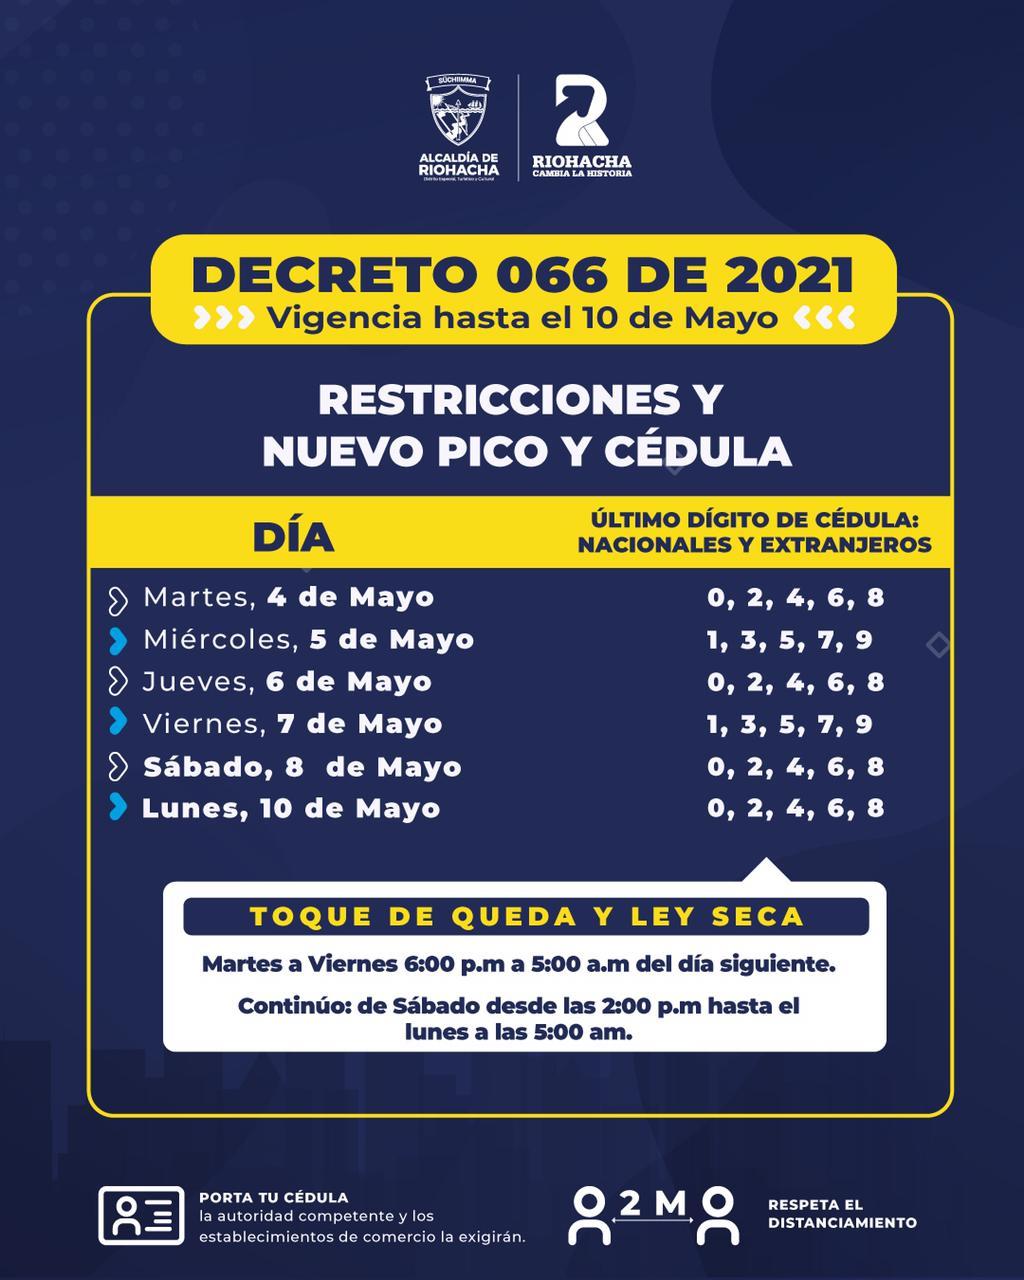 https://www.notasrosas.com/Por aumento de casos de covid-19 en Riohacha: desde el 04 de mayo regirá Pico y Cédula, Ley Seca, y Toque De Queda